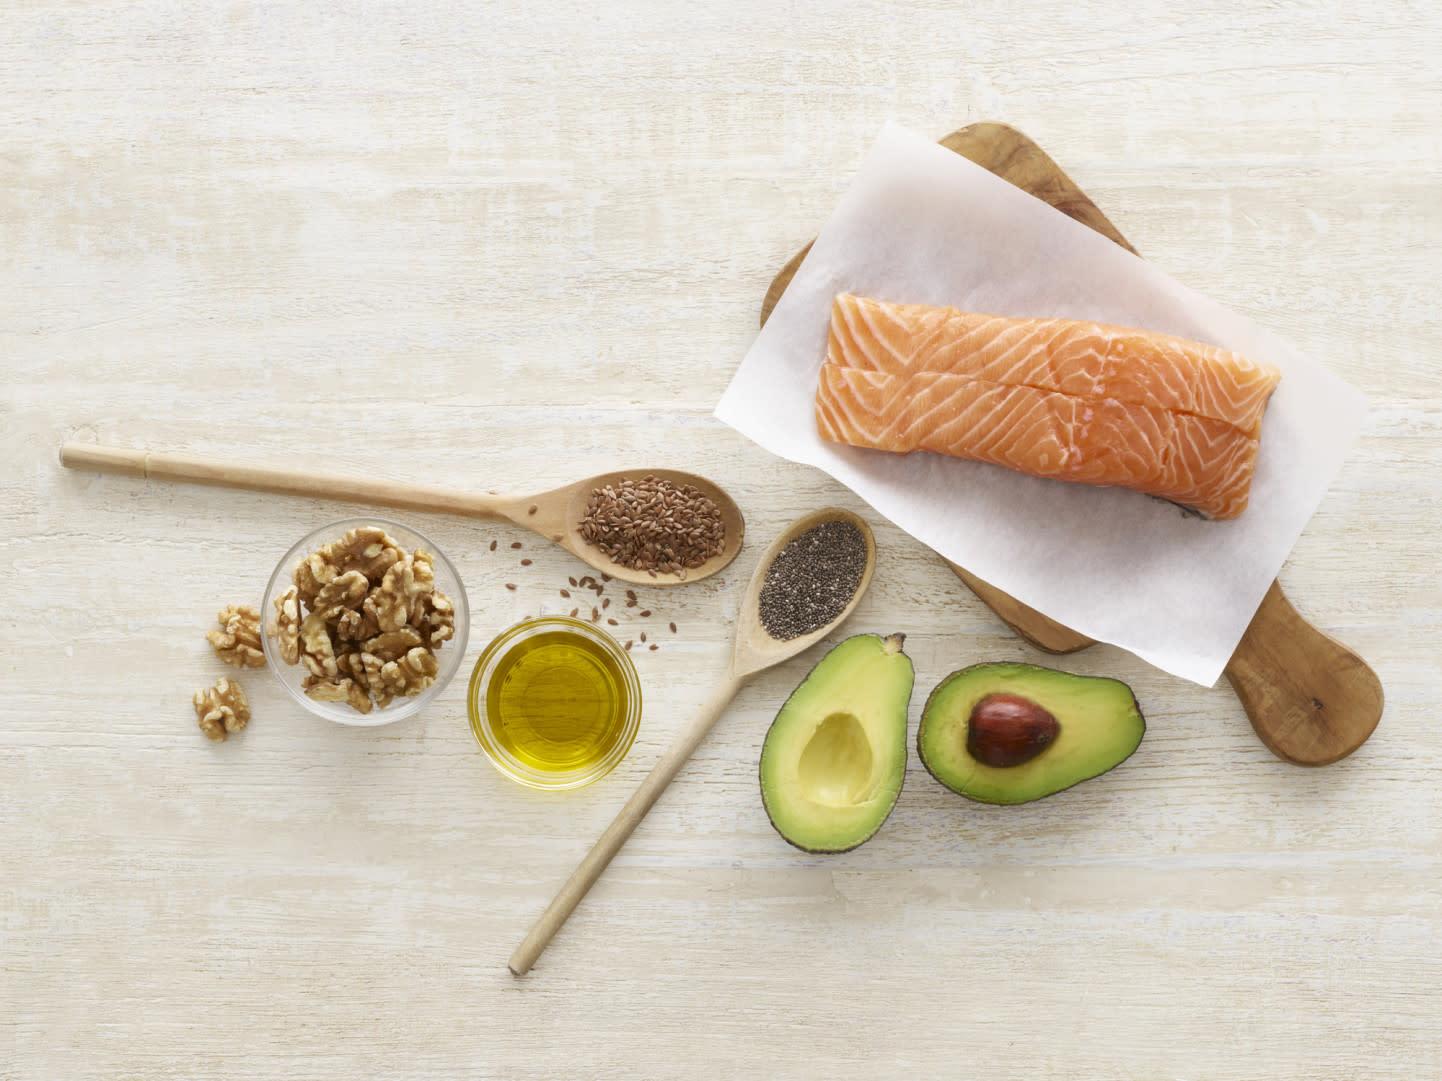 Top 10 Brain-Boosting Foods